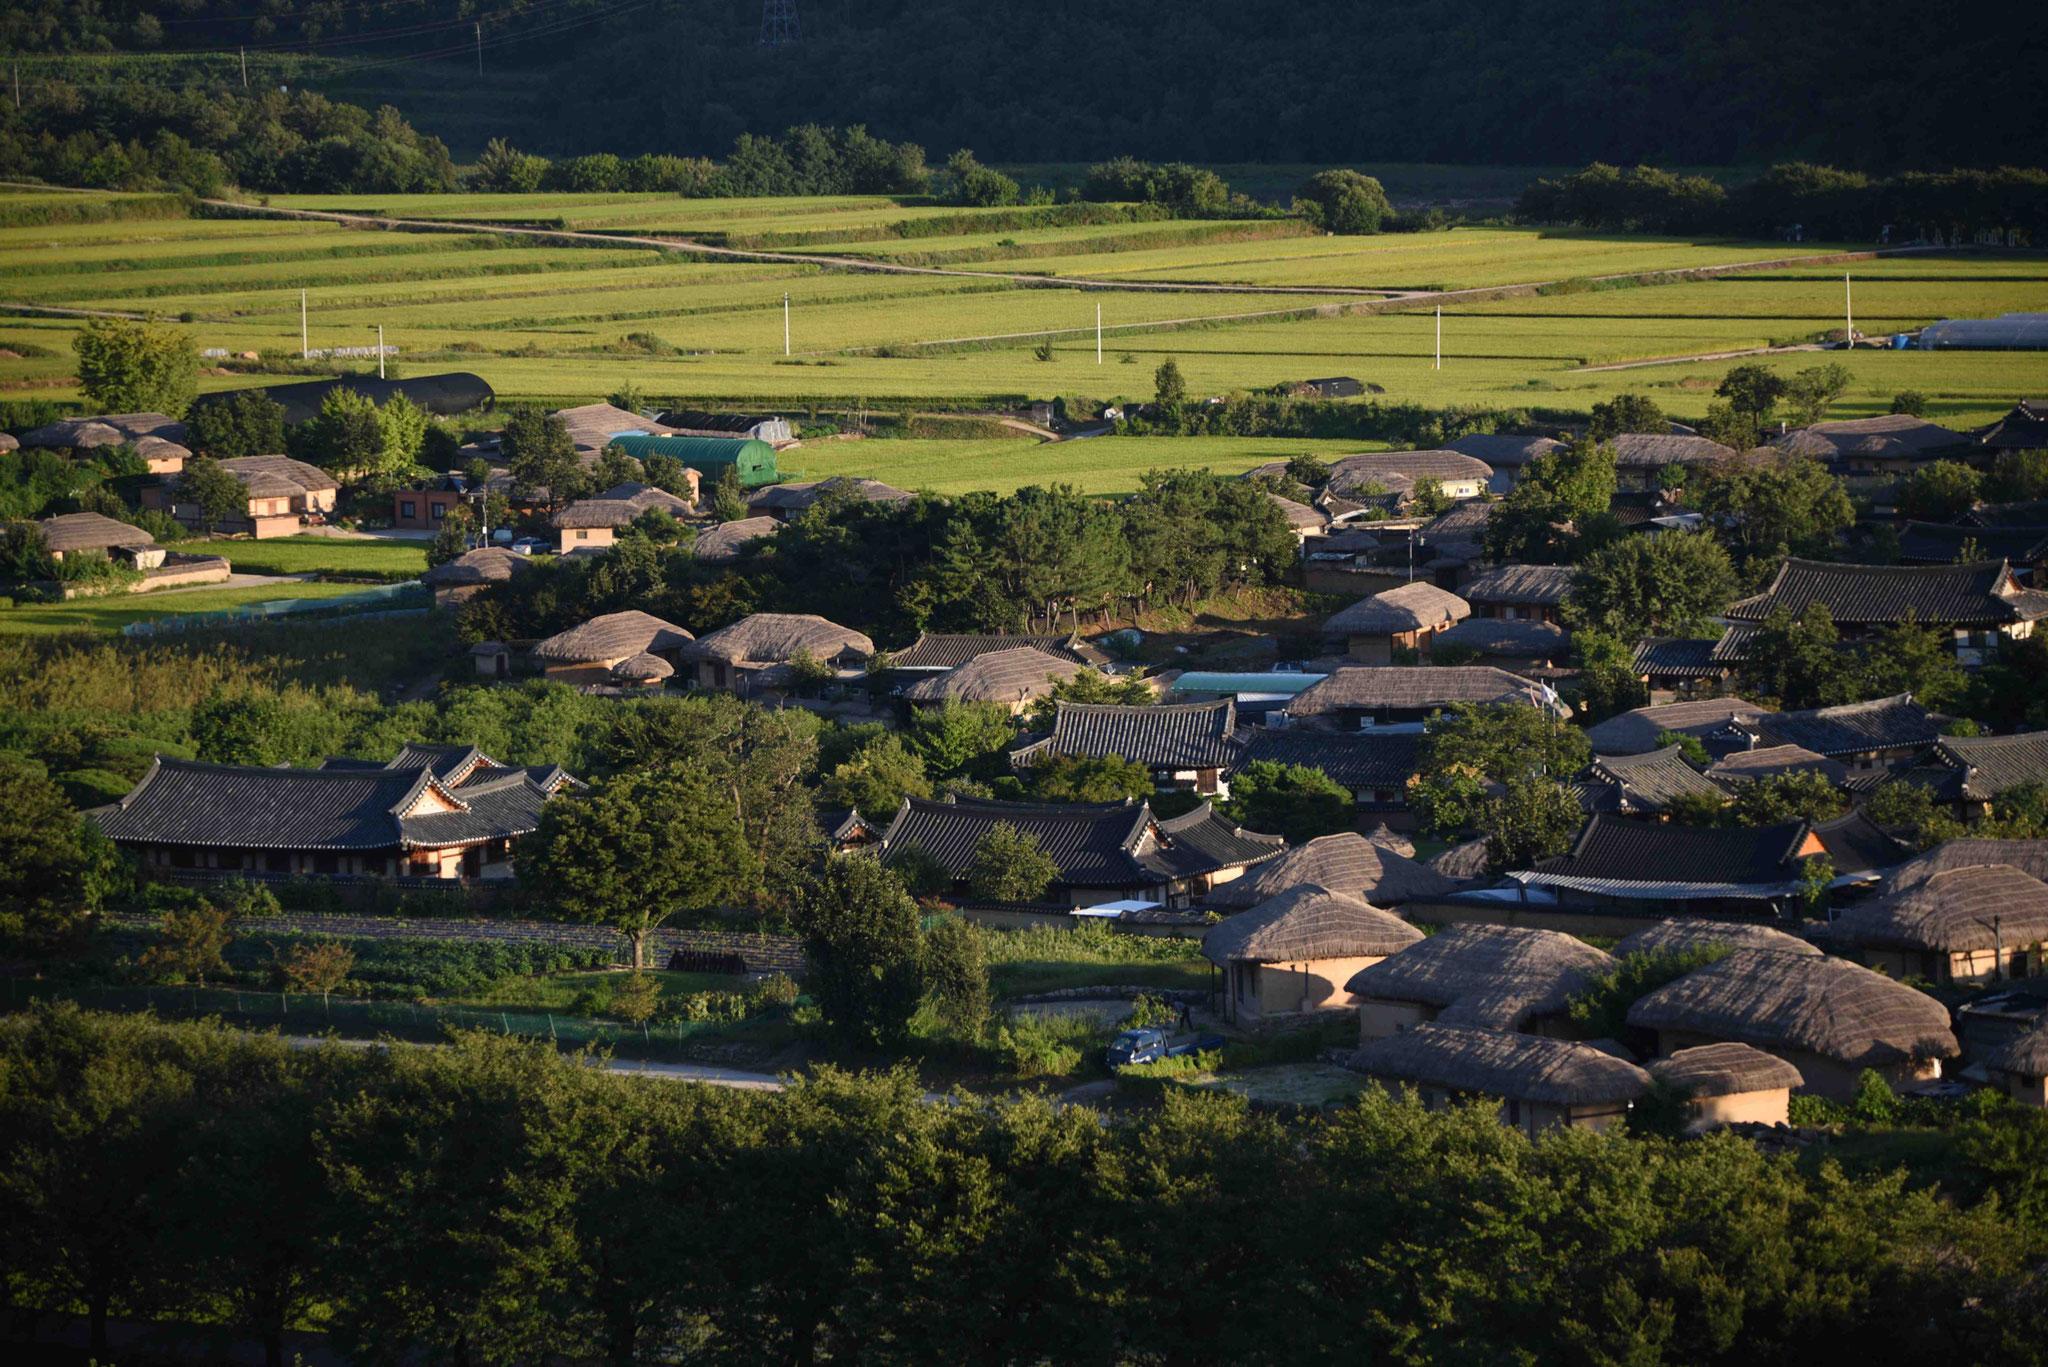 Das Licht beleuchtet die Reisfelder im Hintergrund